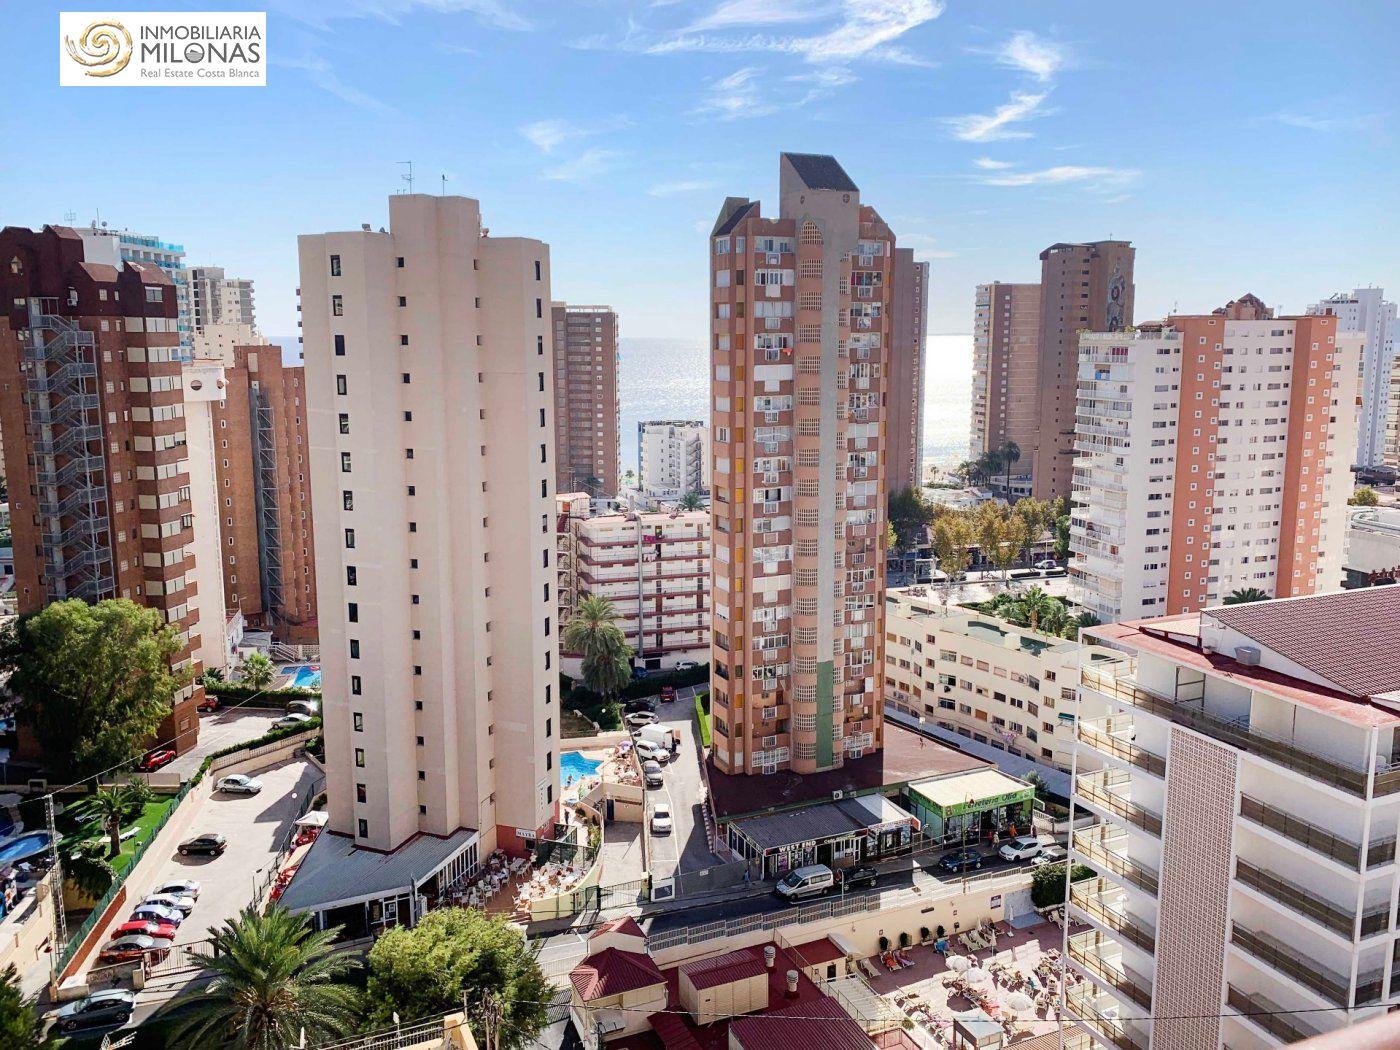 apartamento en benidorm · rincon-de-loix-llano 95900€